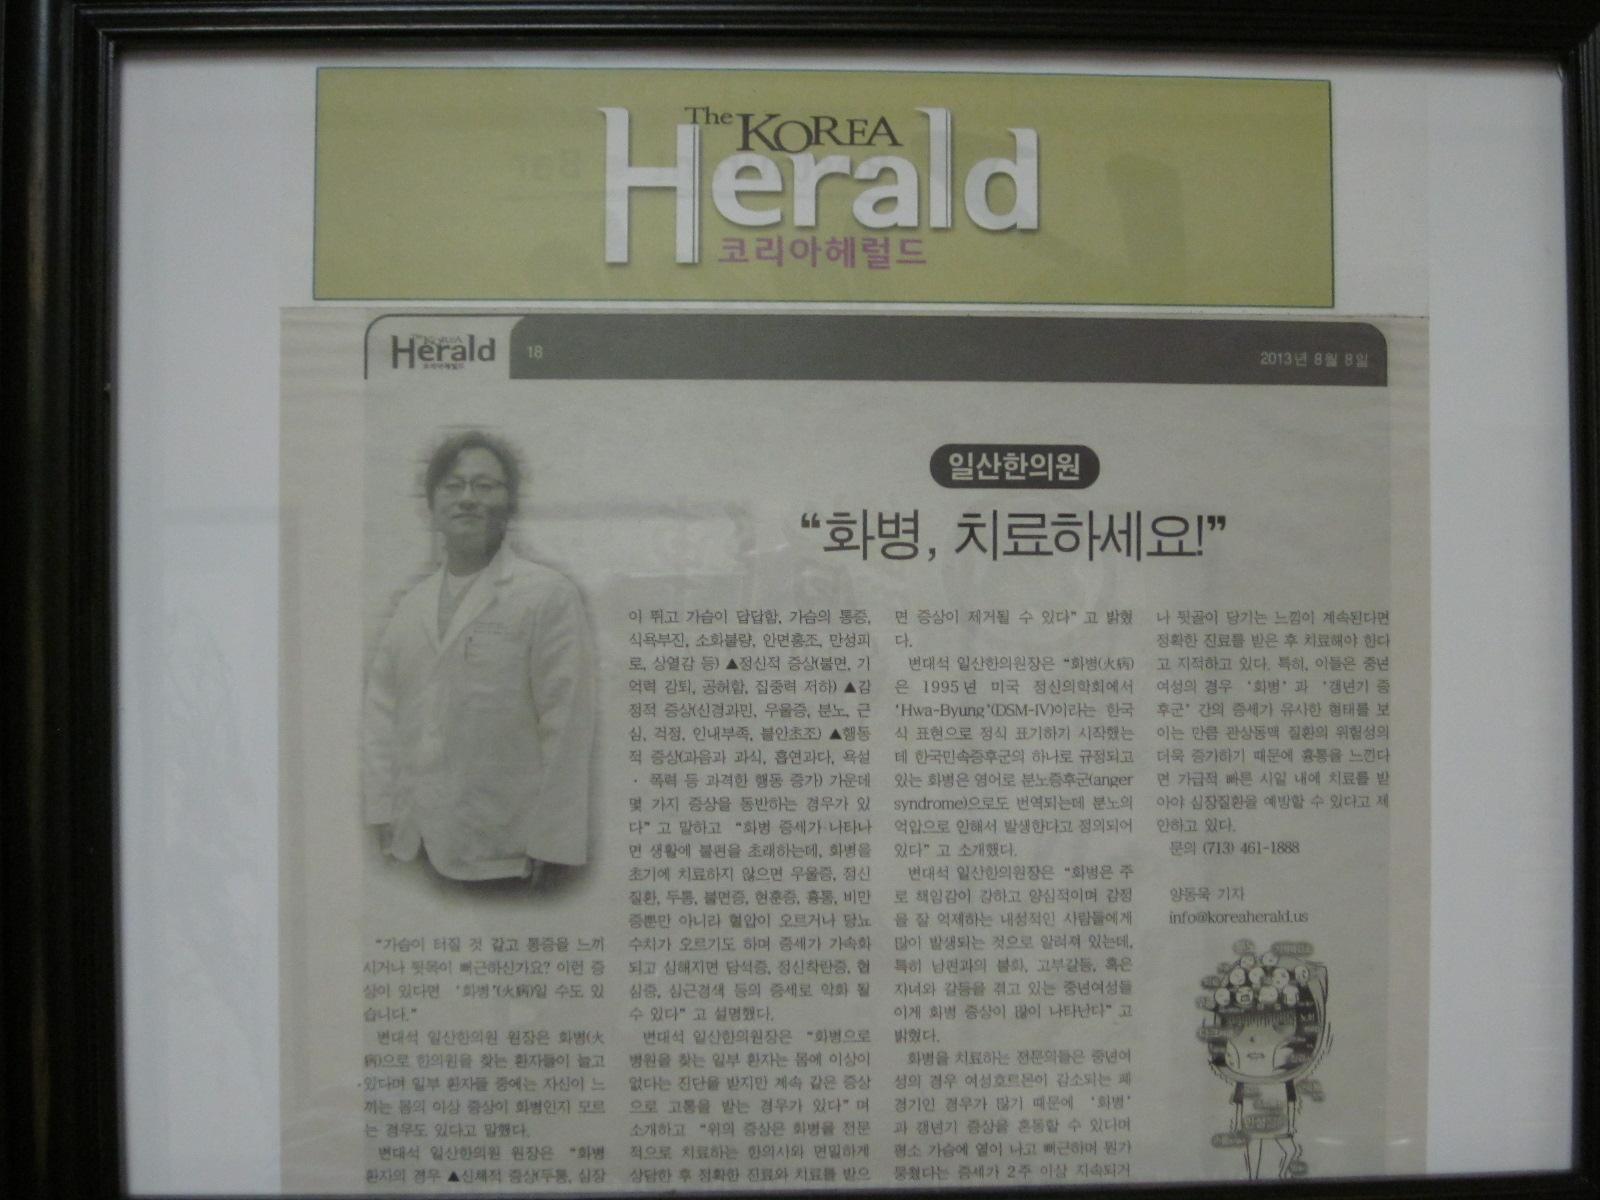 Korea Herald on Aug.8 2013